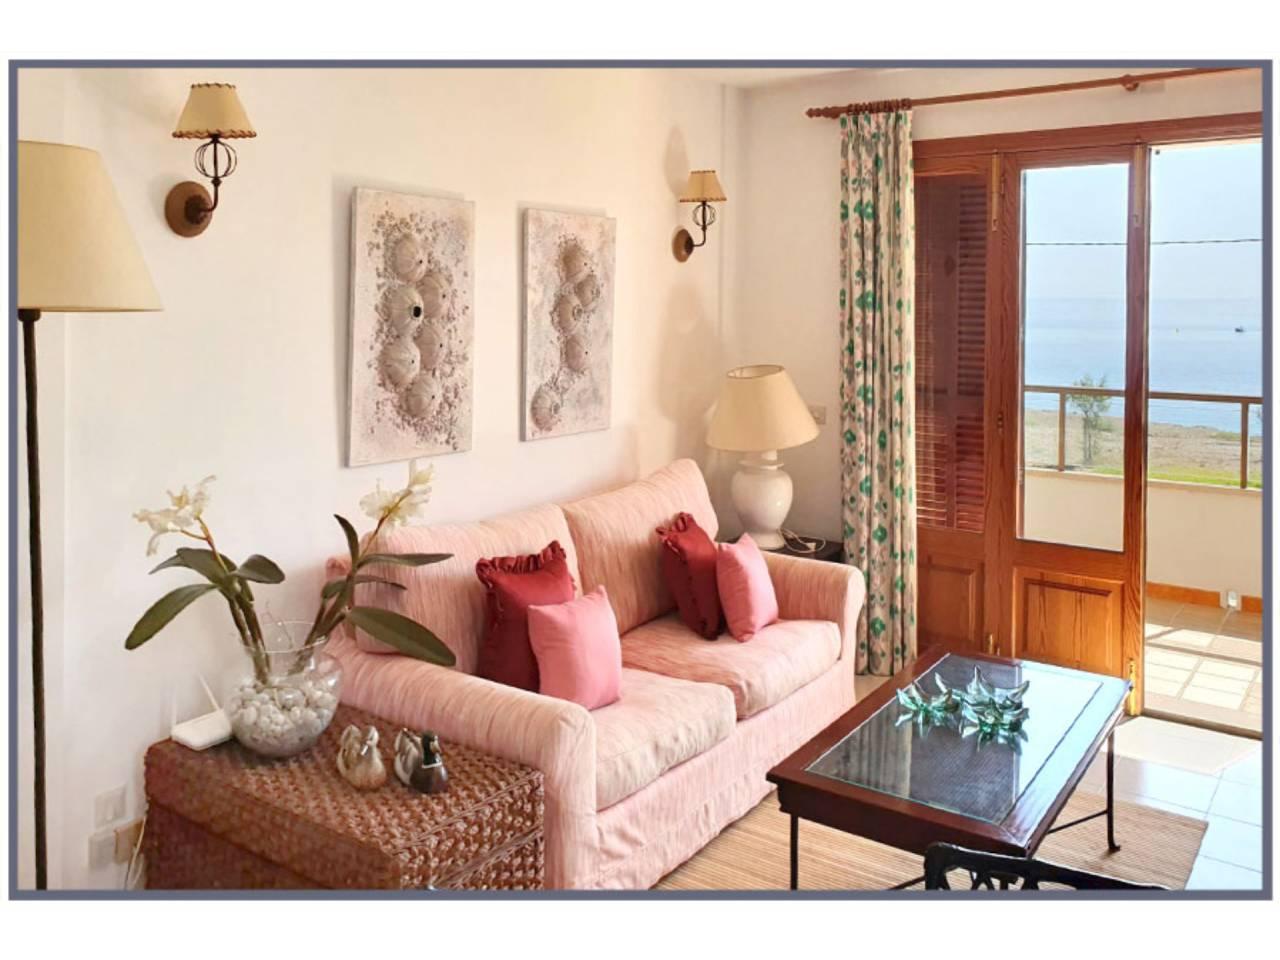 Alquiler Piso  Calle bruixola, sn. Bonito y acogedor apartamento situado a primera línea del mar en